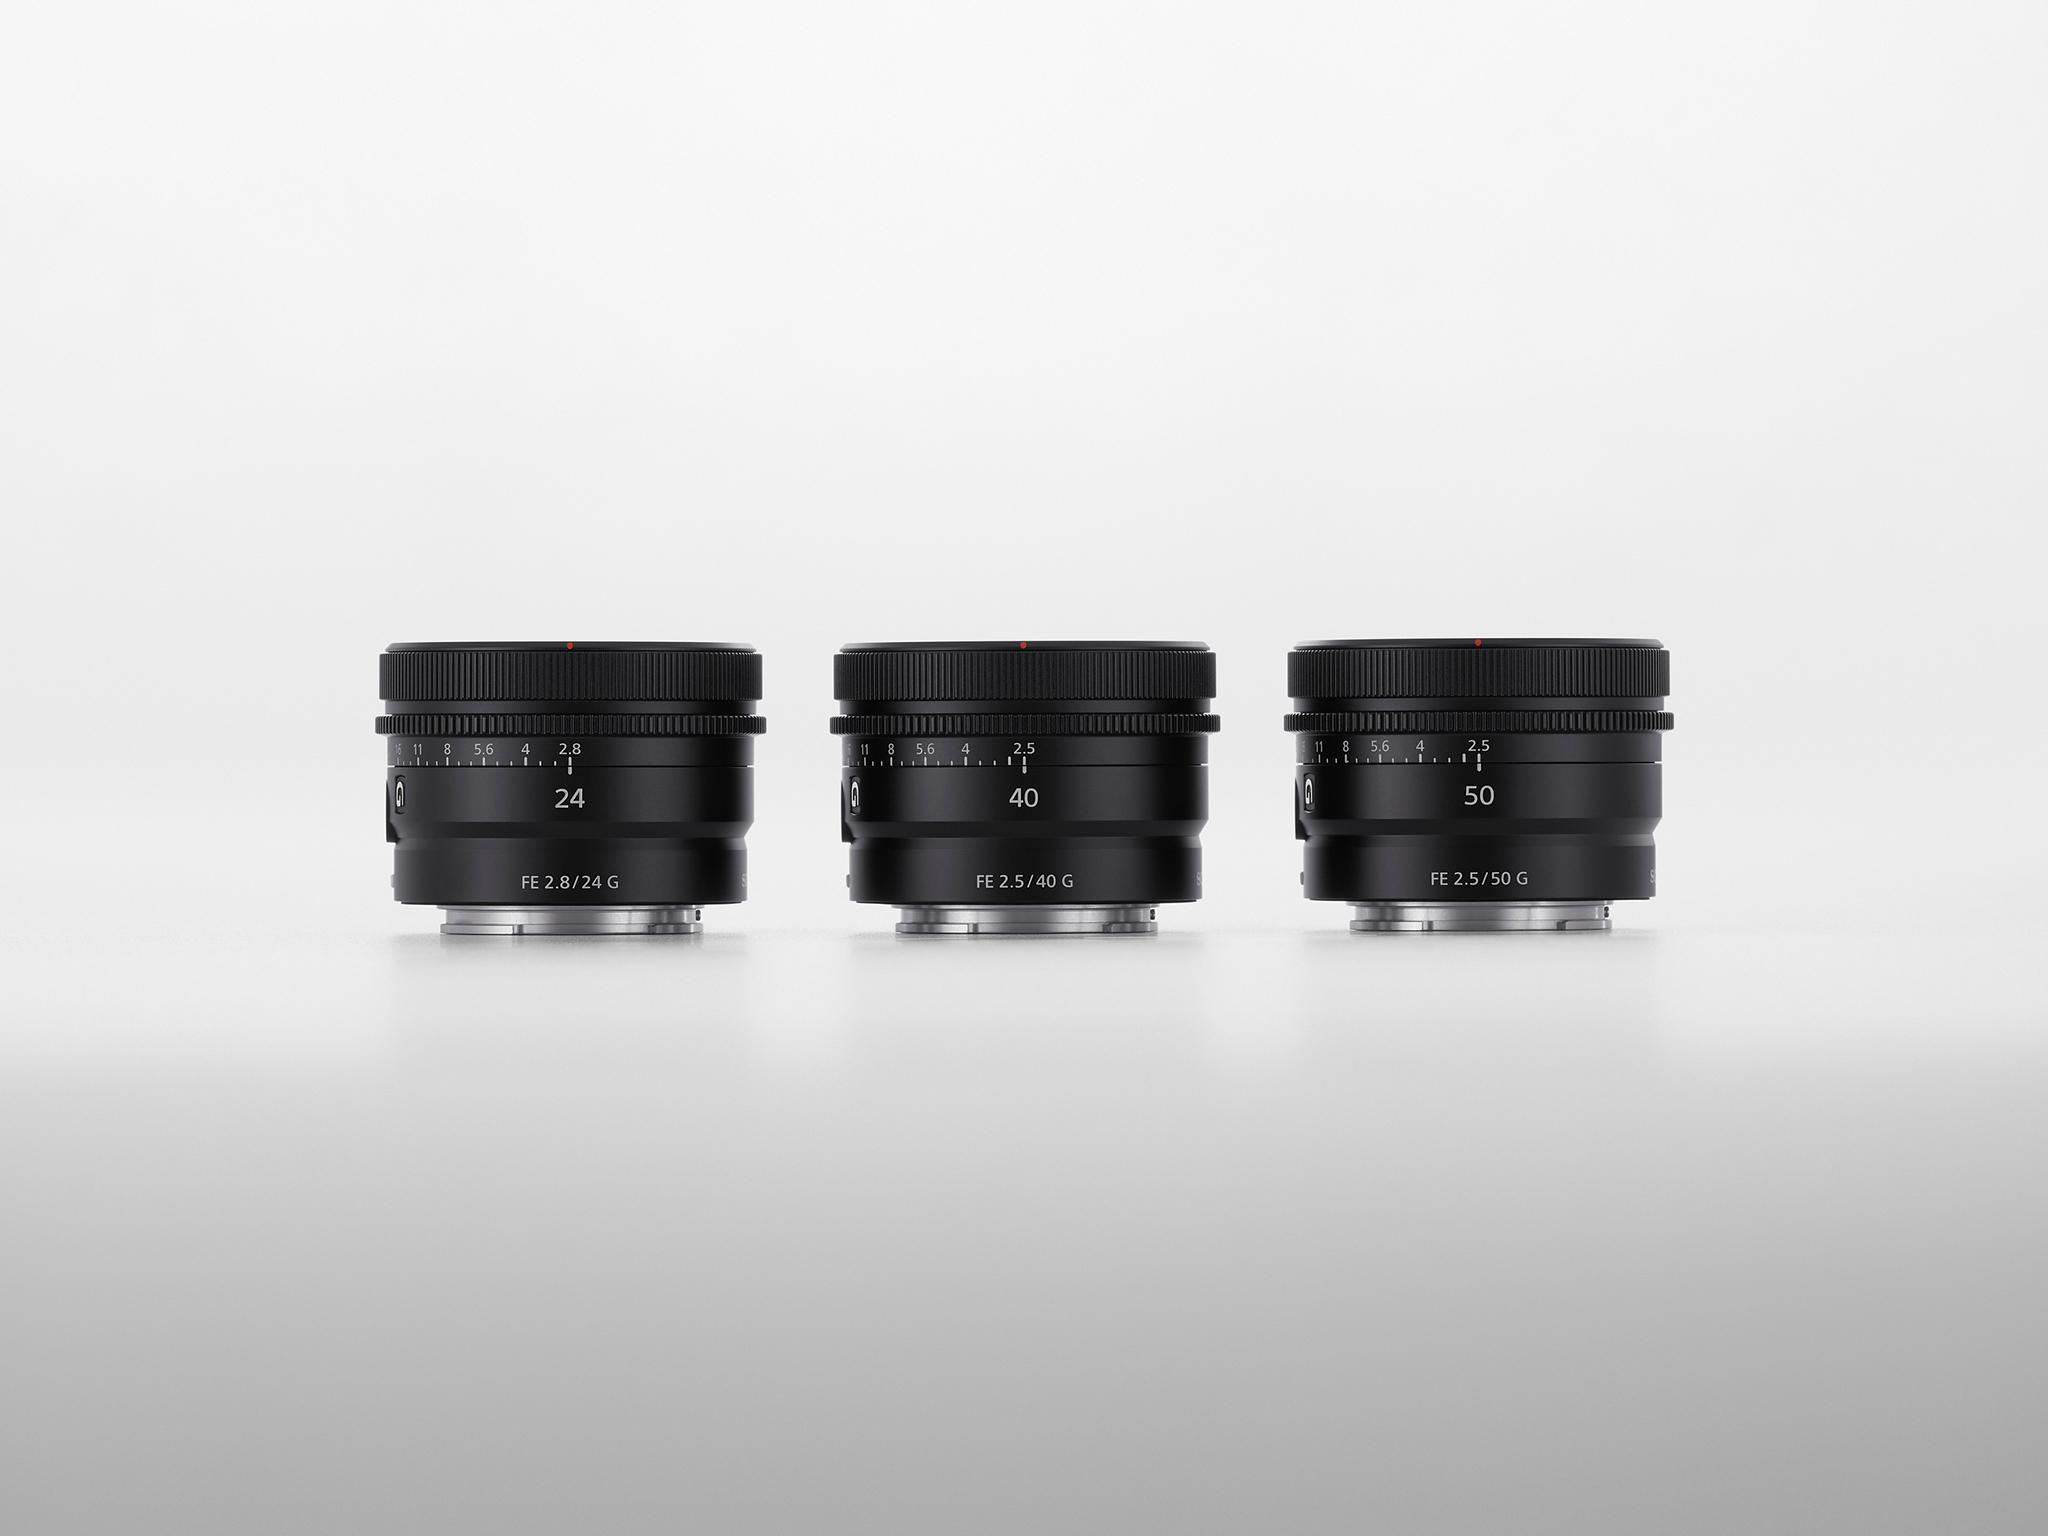 Sony ra mắt ống kính FE 50mm F1.2 G Master và 3 ống kính dòng G nhỏ gọn nhẹ mới, giá 49.99/14.99 triệu đồng - Ảnh 12.